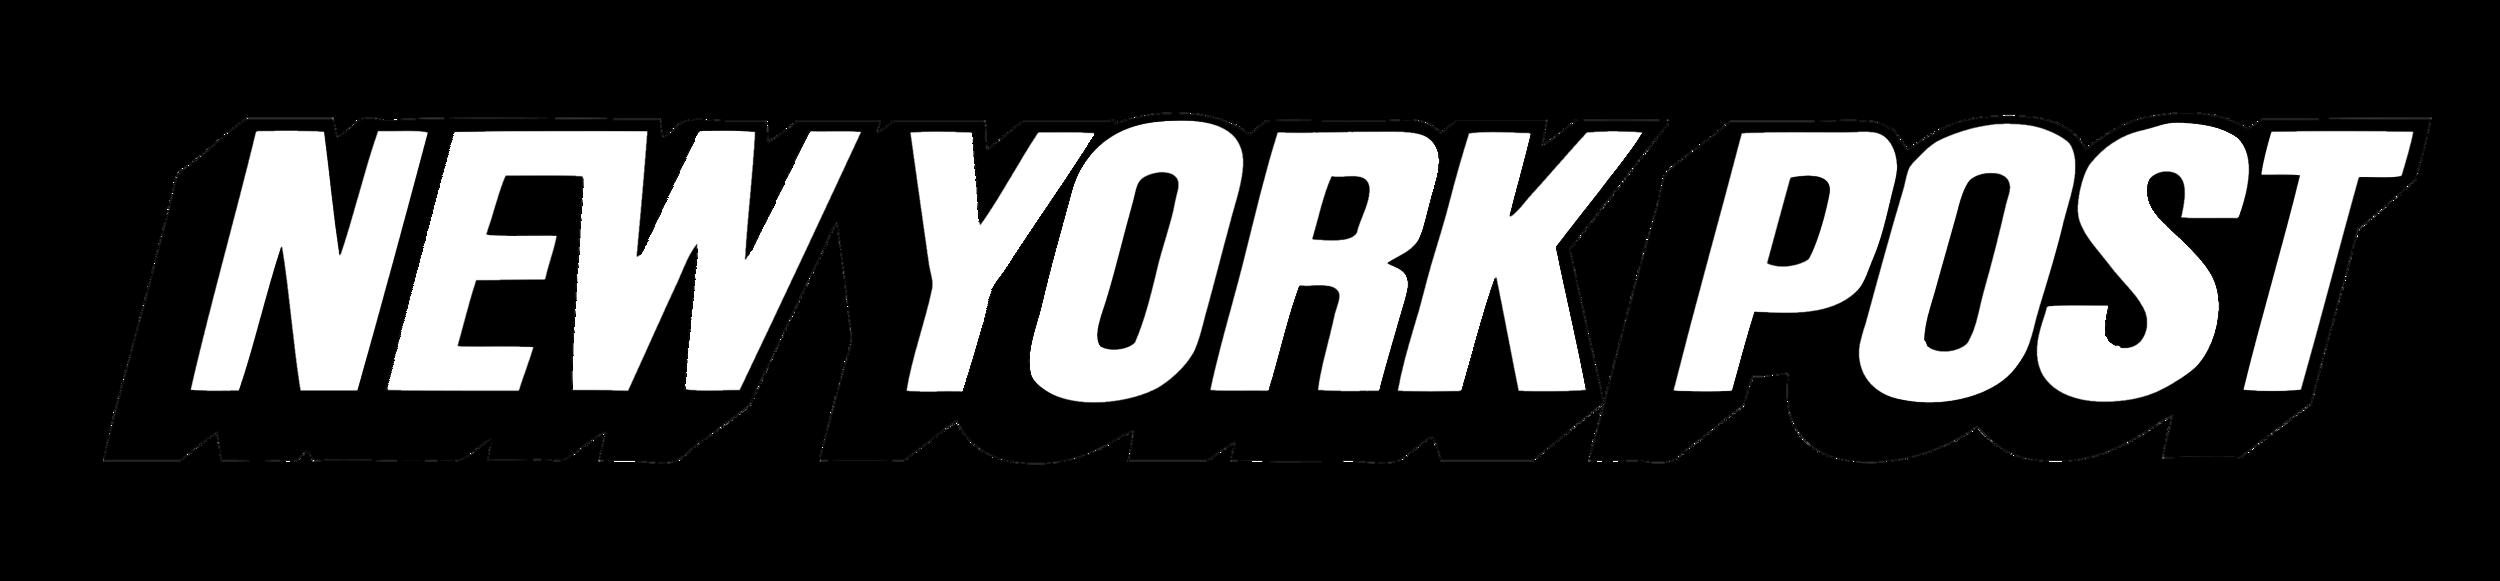 New_York_Post_logo_NYP.png